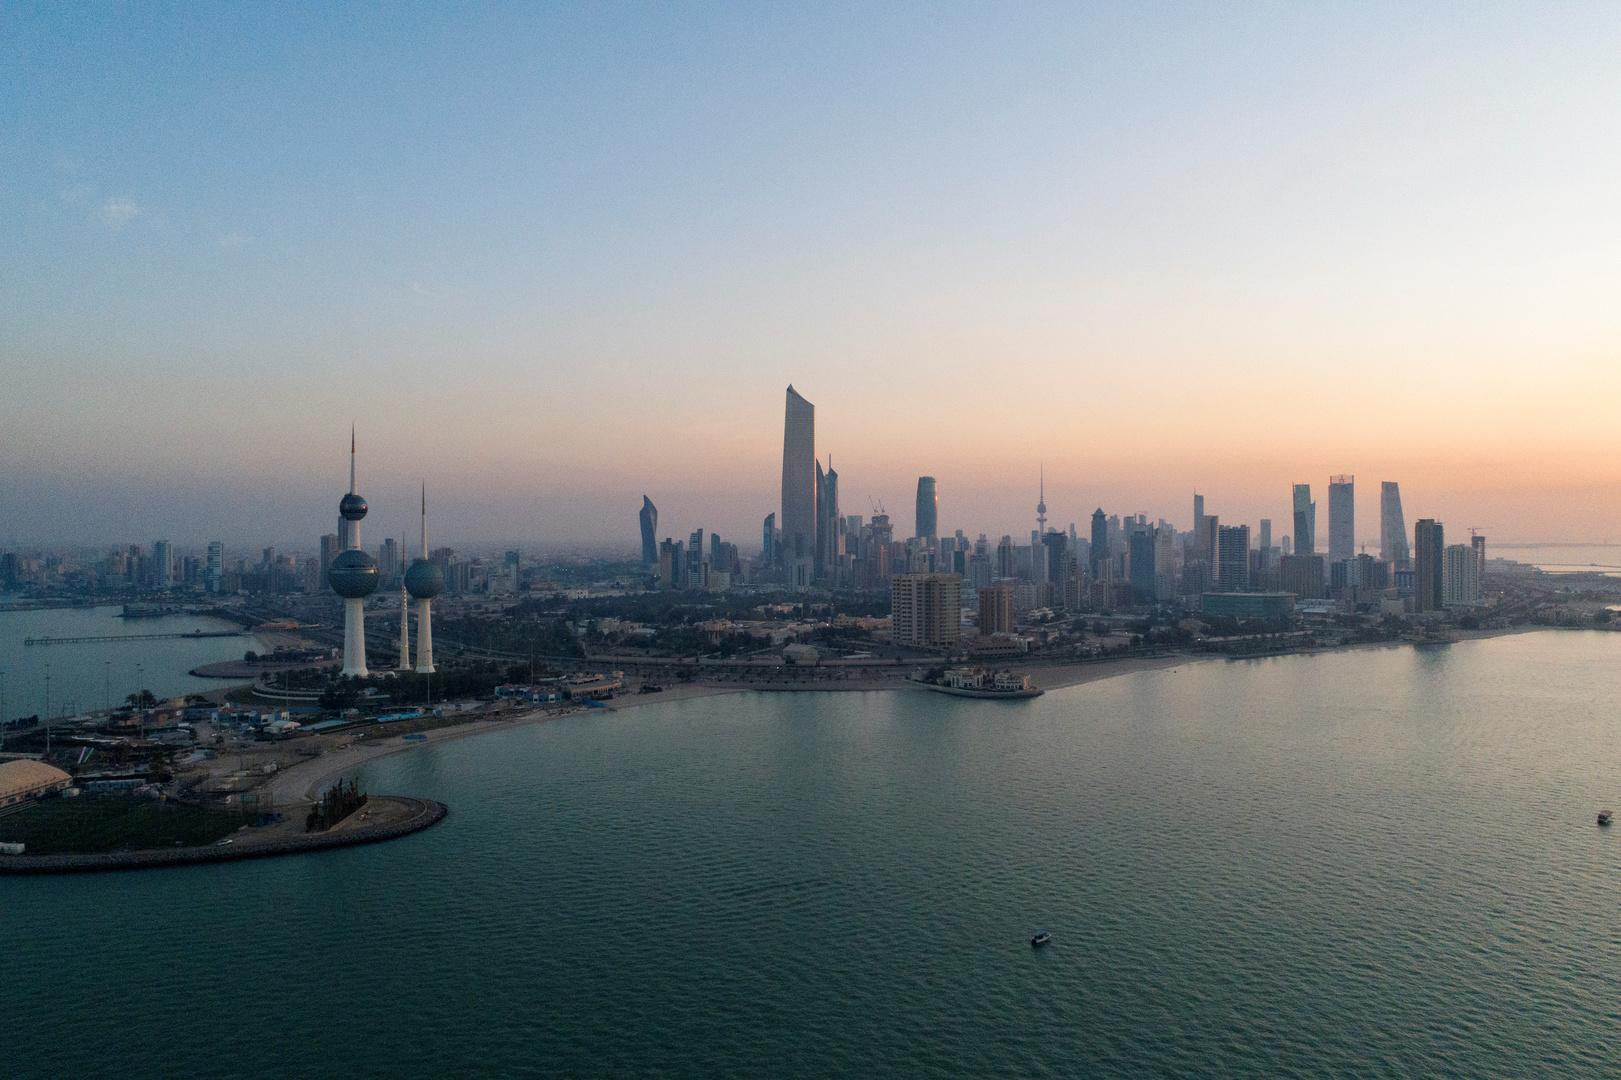 القاهرة: الكويت وعد بمراجعة قرار وقف الطيران من مصر قريبا